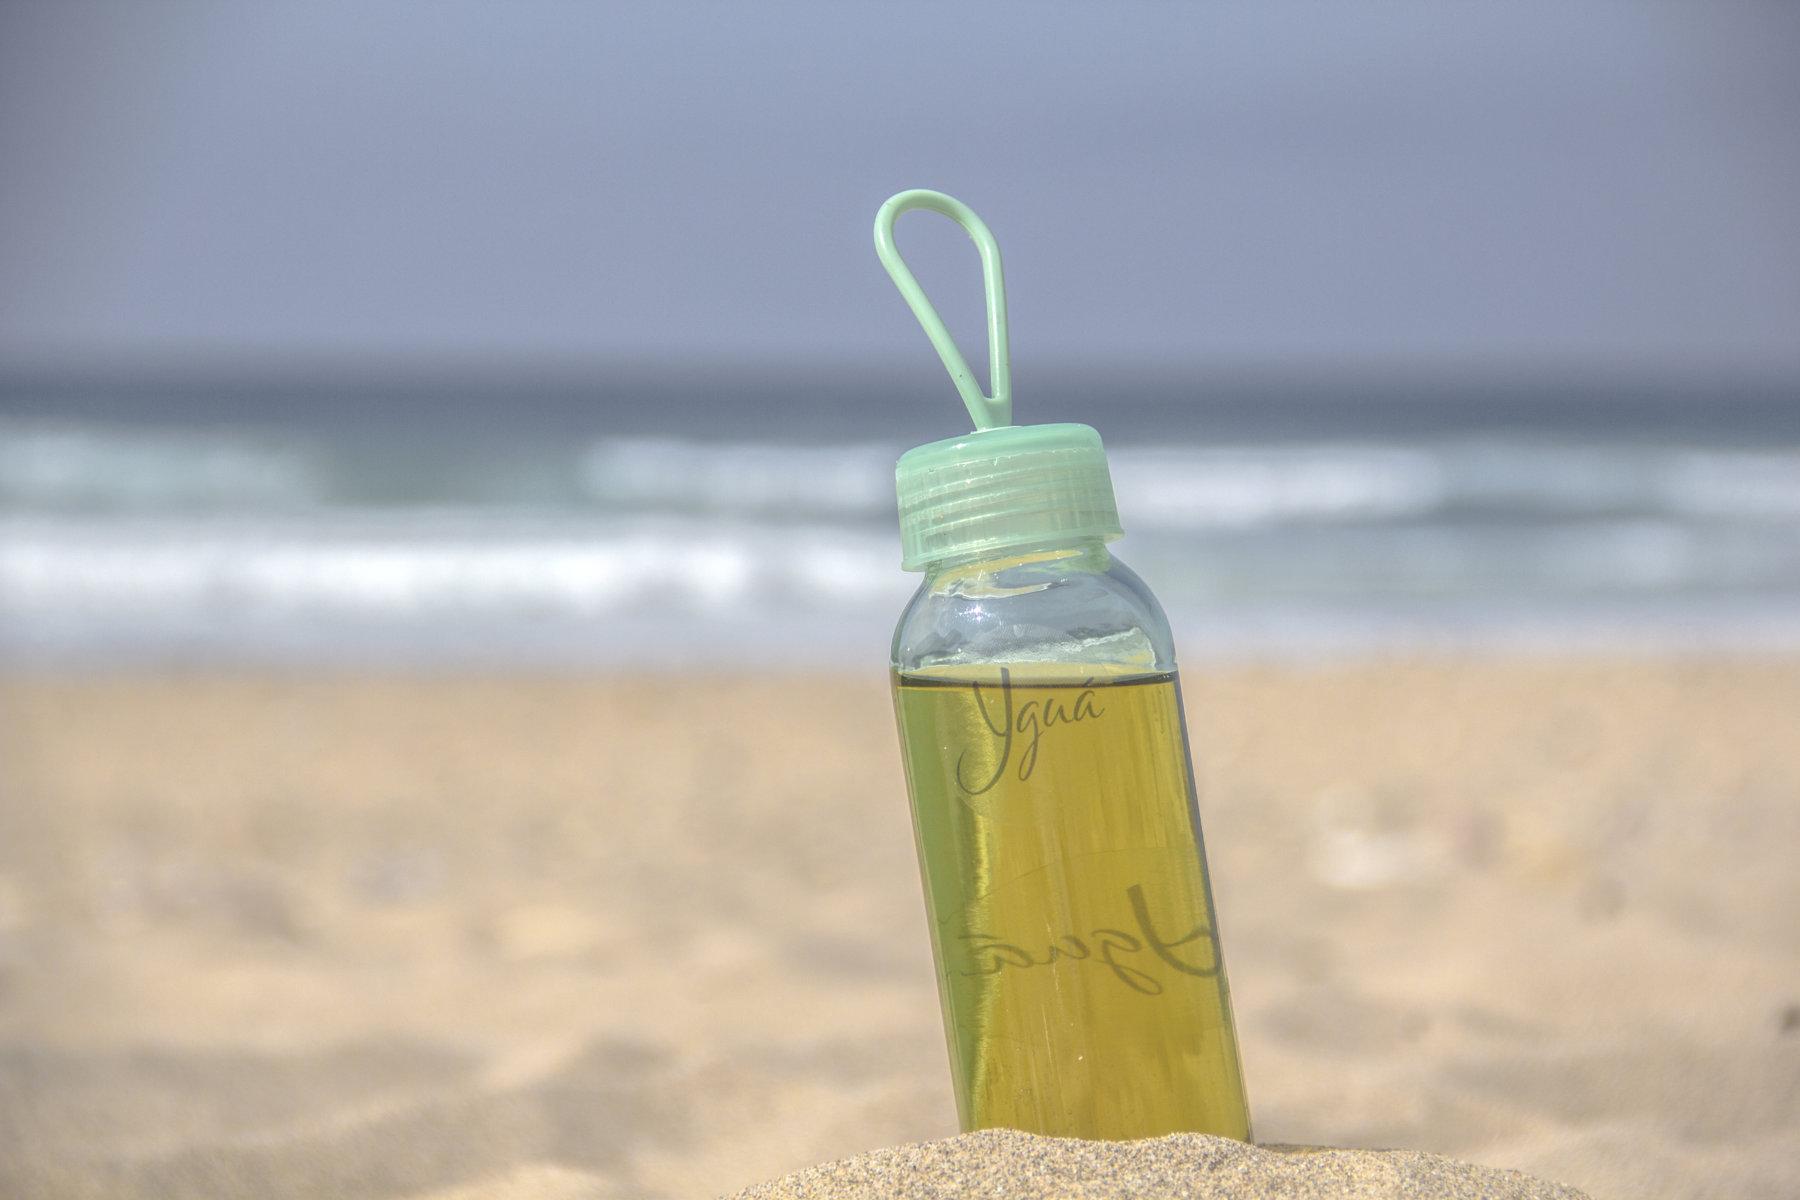 La acción de hidratación se completa con la nutricional si bebemos infusión de un alimento funcional como la Moringa, rica en minerales, proteína completa vegetal, antioxidantes y otros micronutrientes, como la vitamina B12